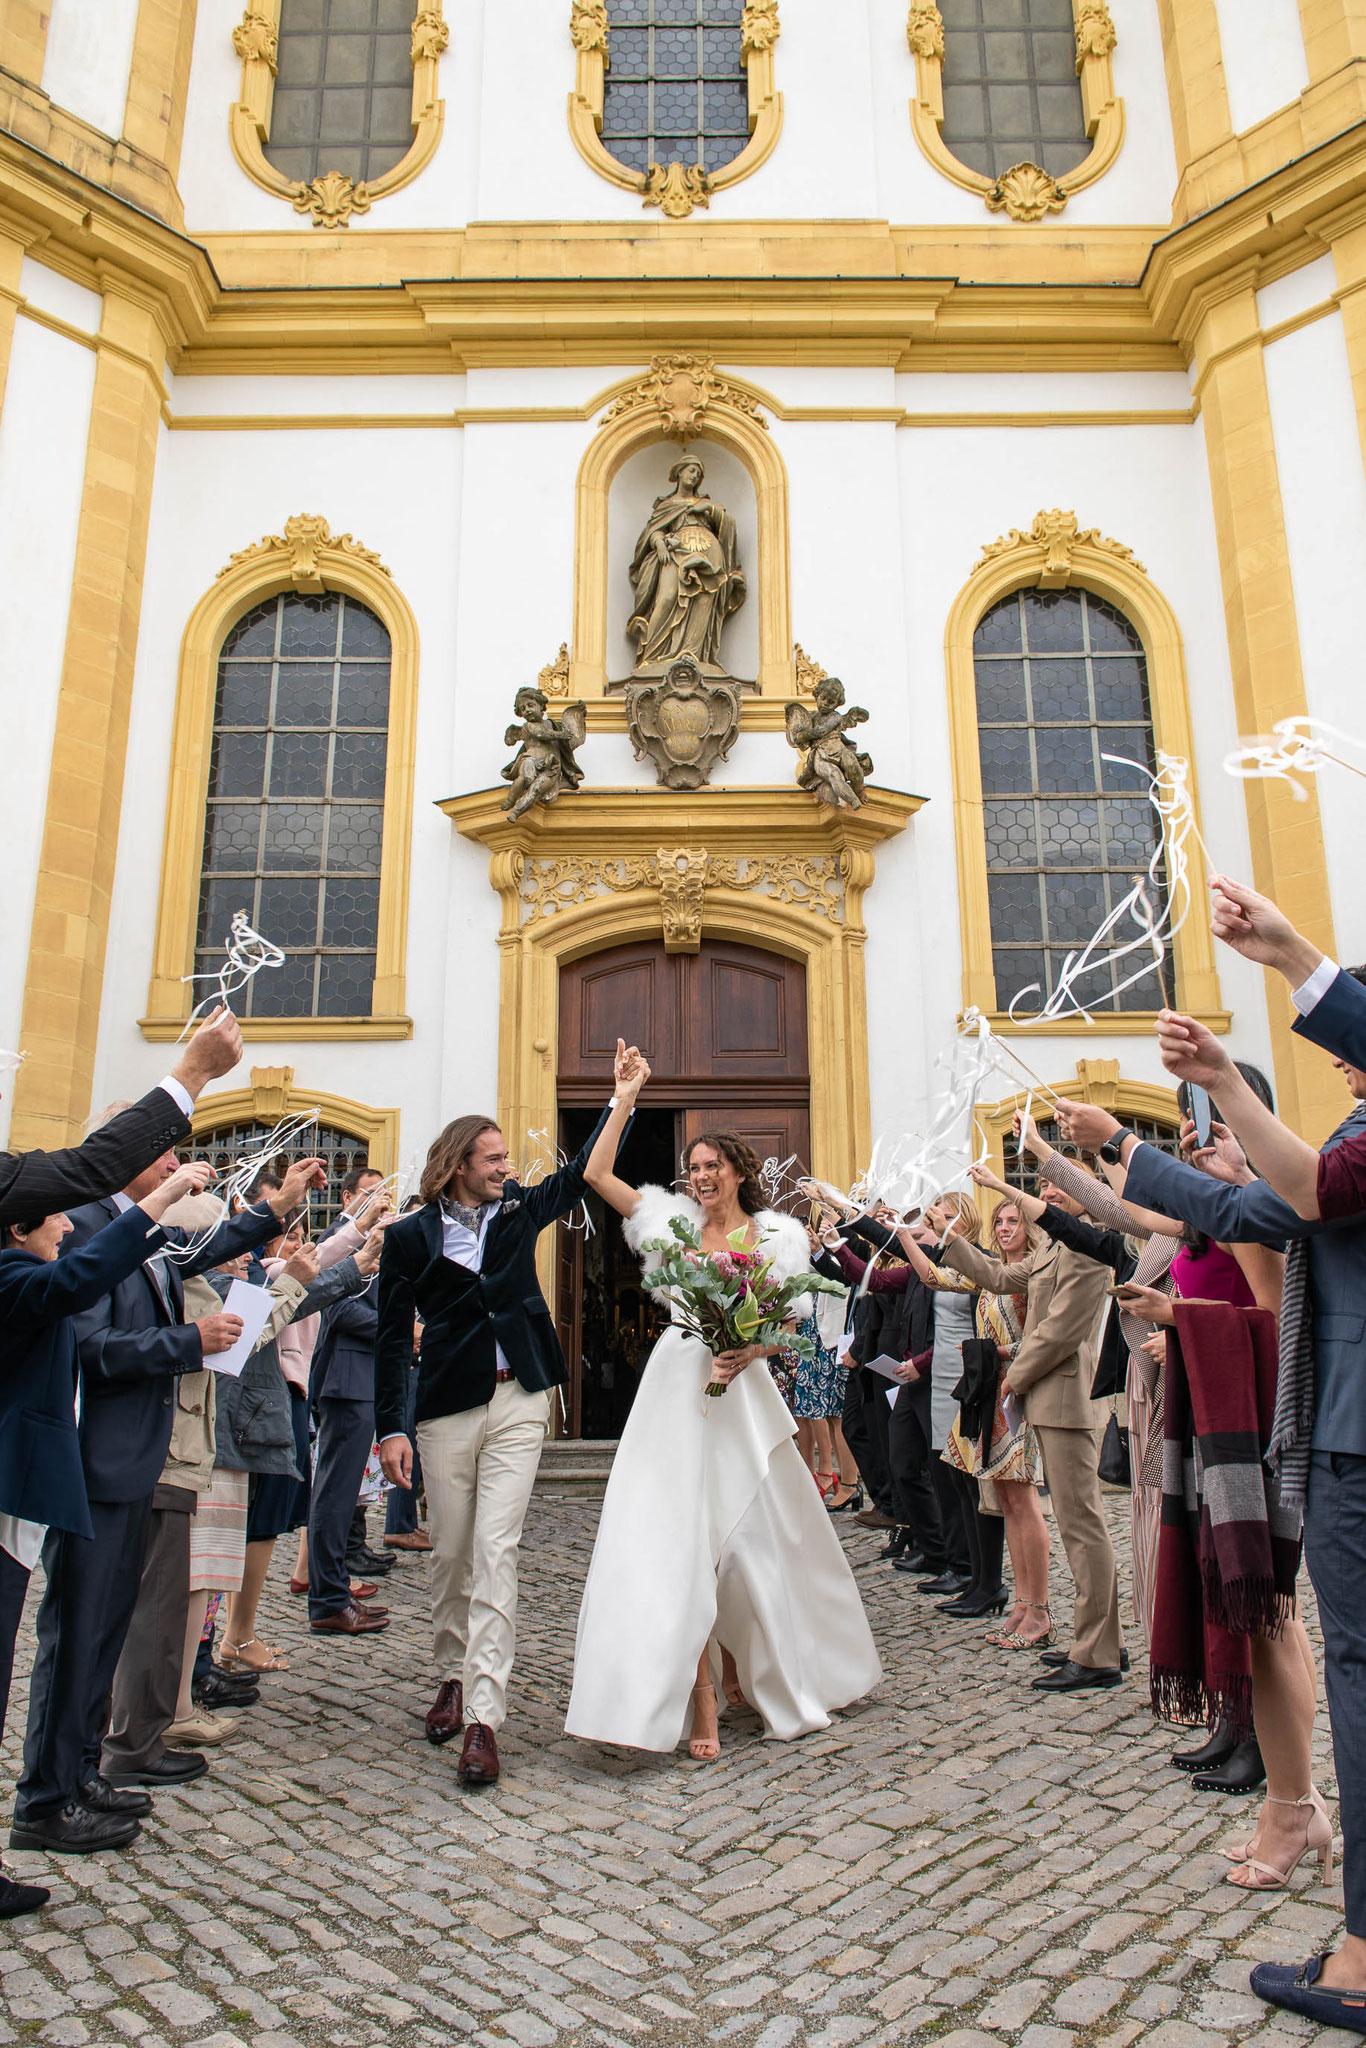 Professioneller Hochzeitsfotograf für Brautpaar Shootings nach der Trauung in Würzburg